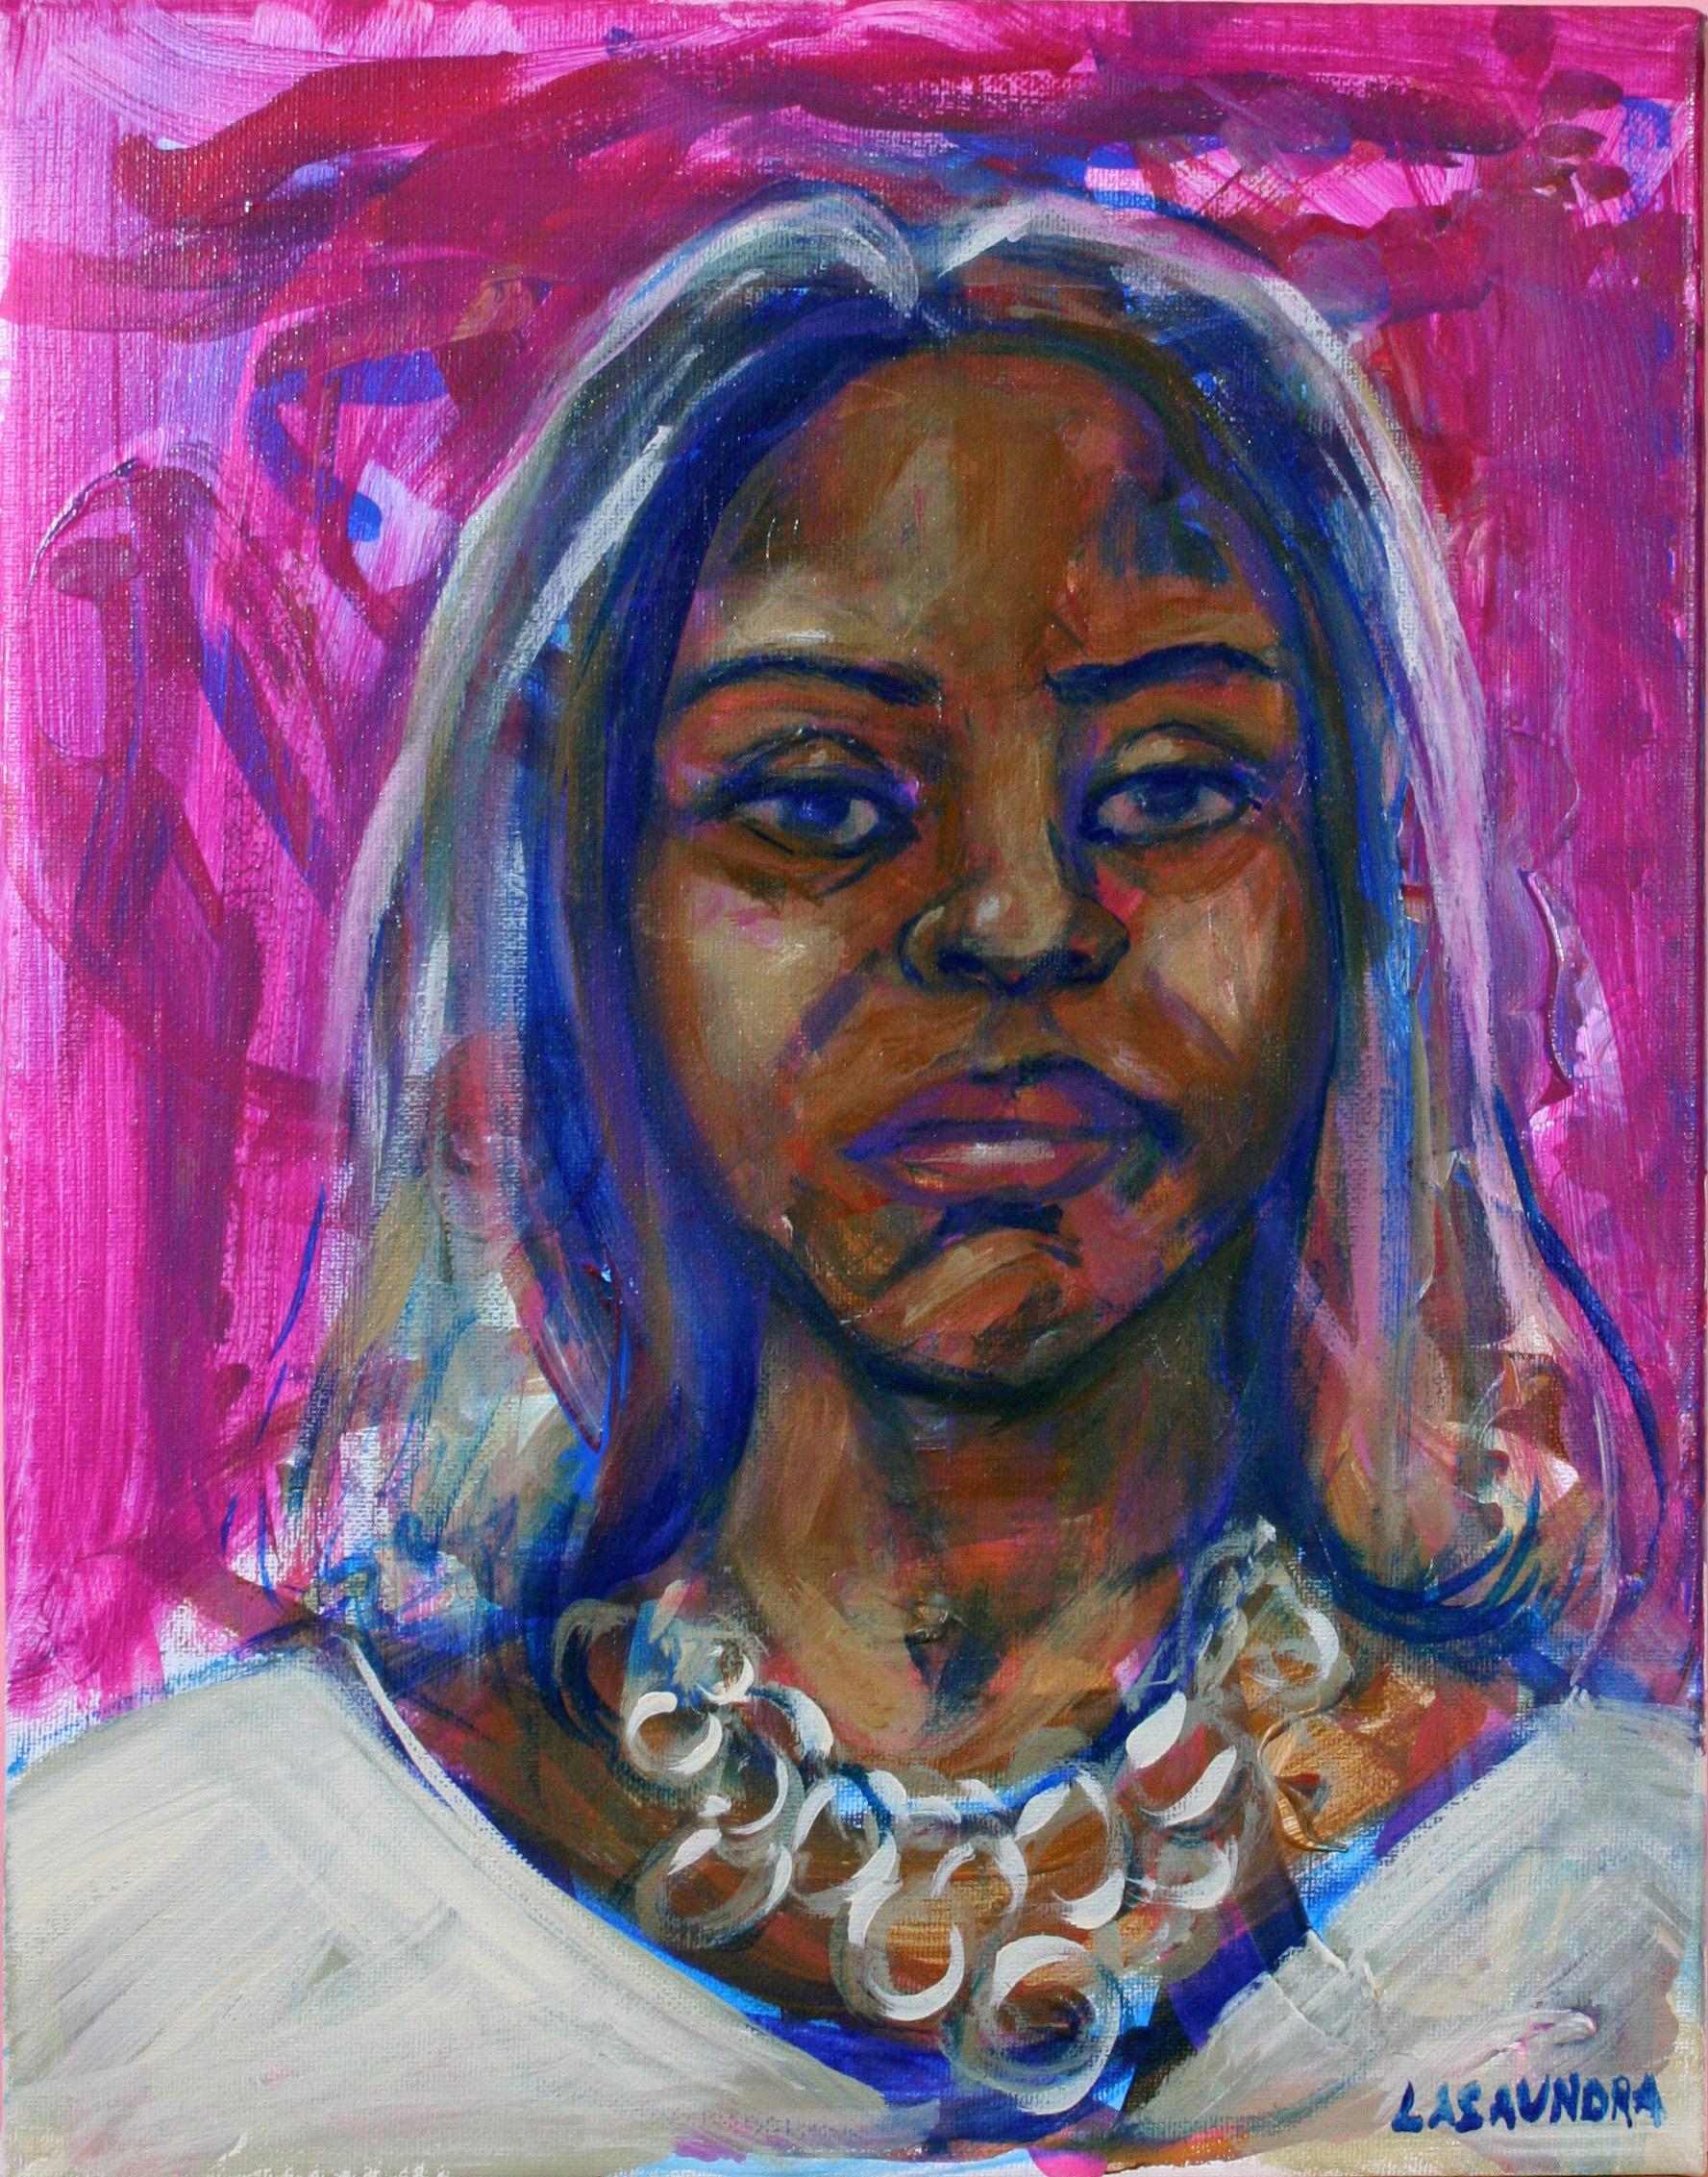 LaShaundra Robinson - acrylics